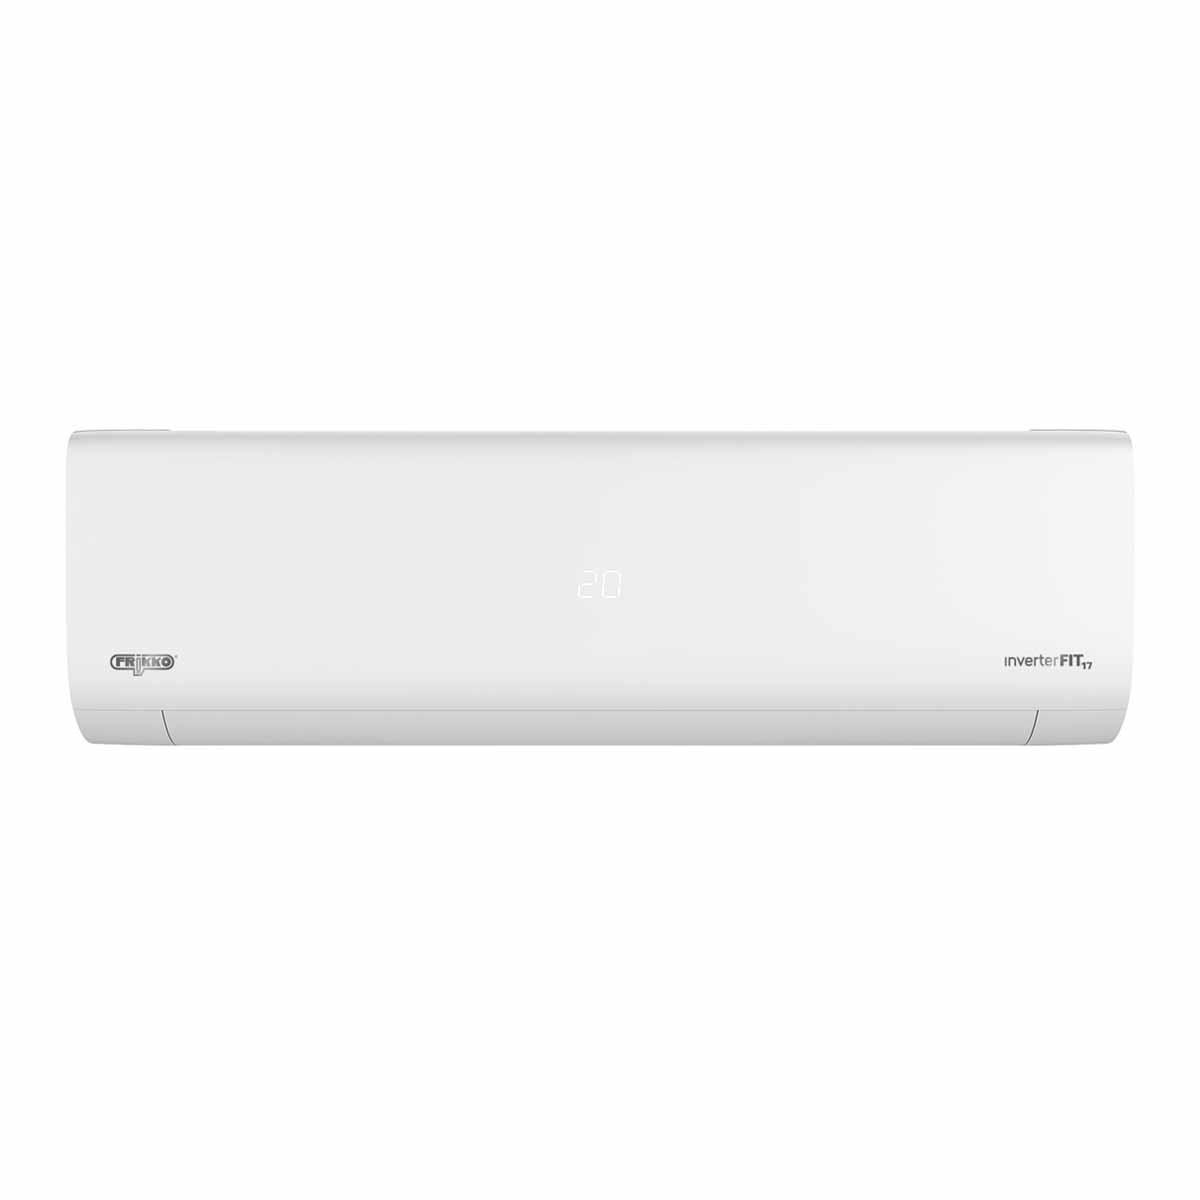 Aire Acondicionado Frio Calor Minisplit Inverter Casa Frikko